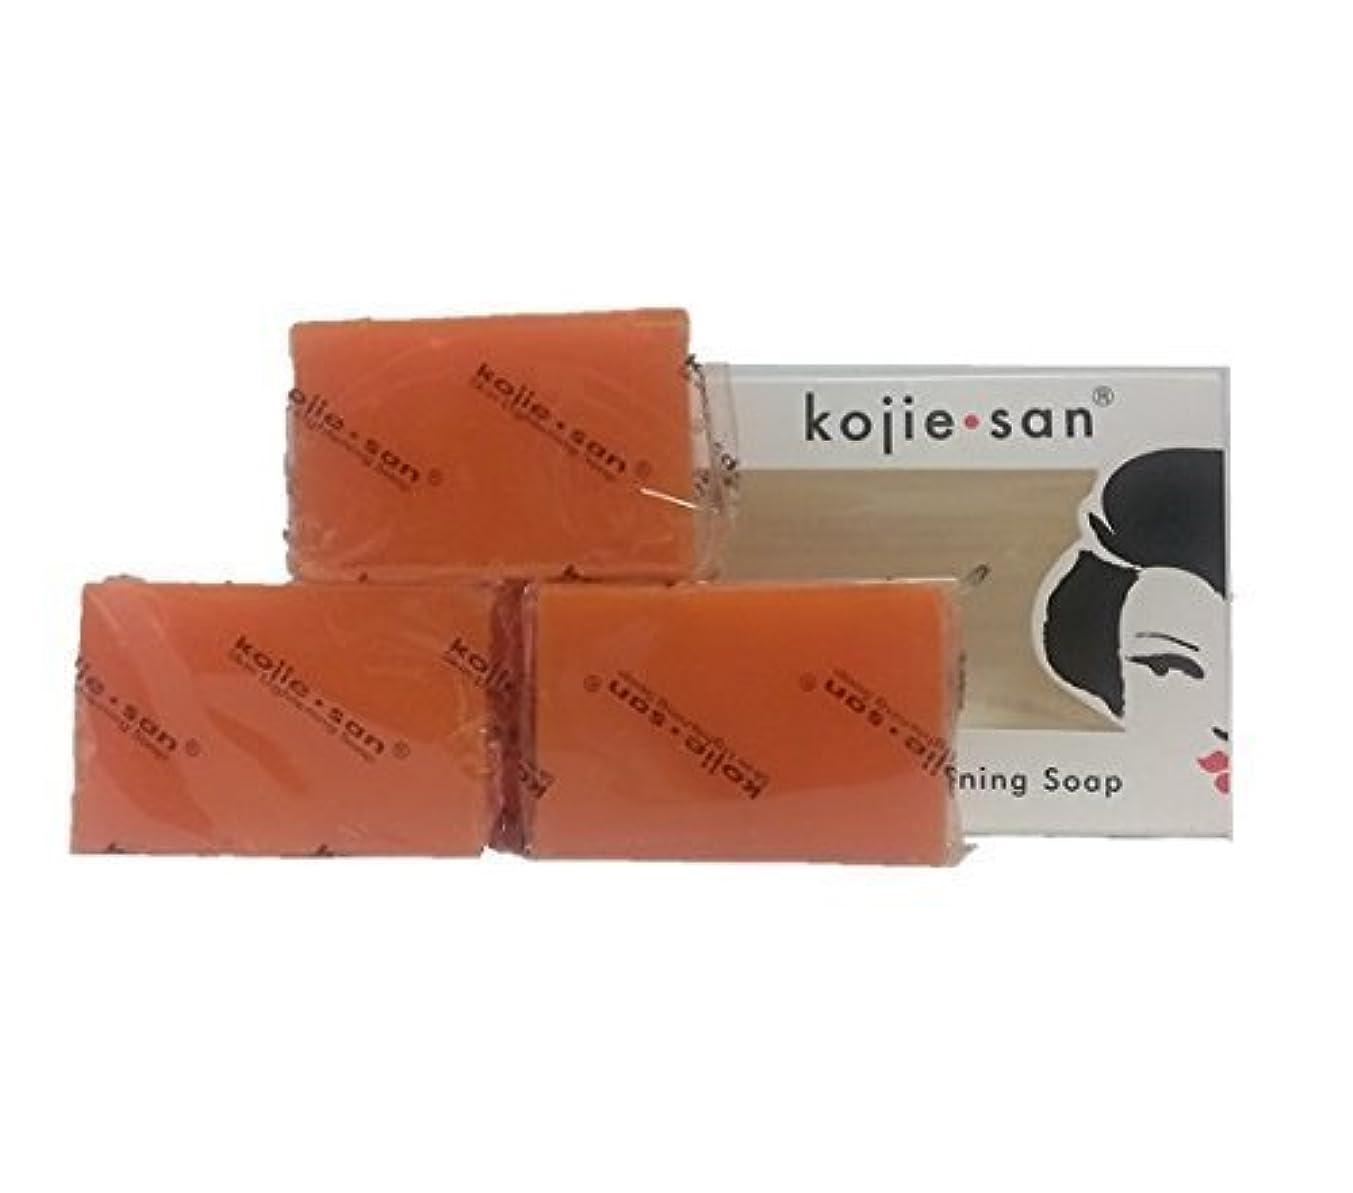 窒素倉庫豆Kojie san Skin Lightning Soap 3 pcs こじえさんスキンライトニングソープ3個パック [並行輸入品]